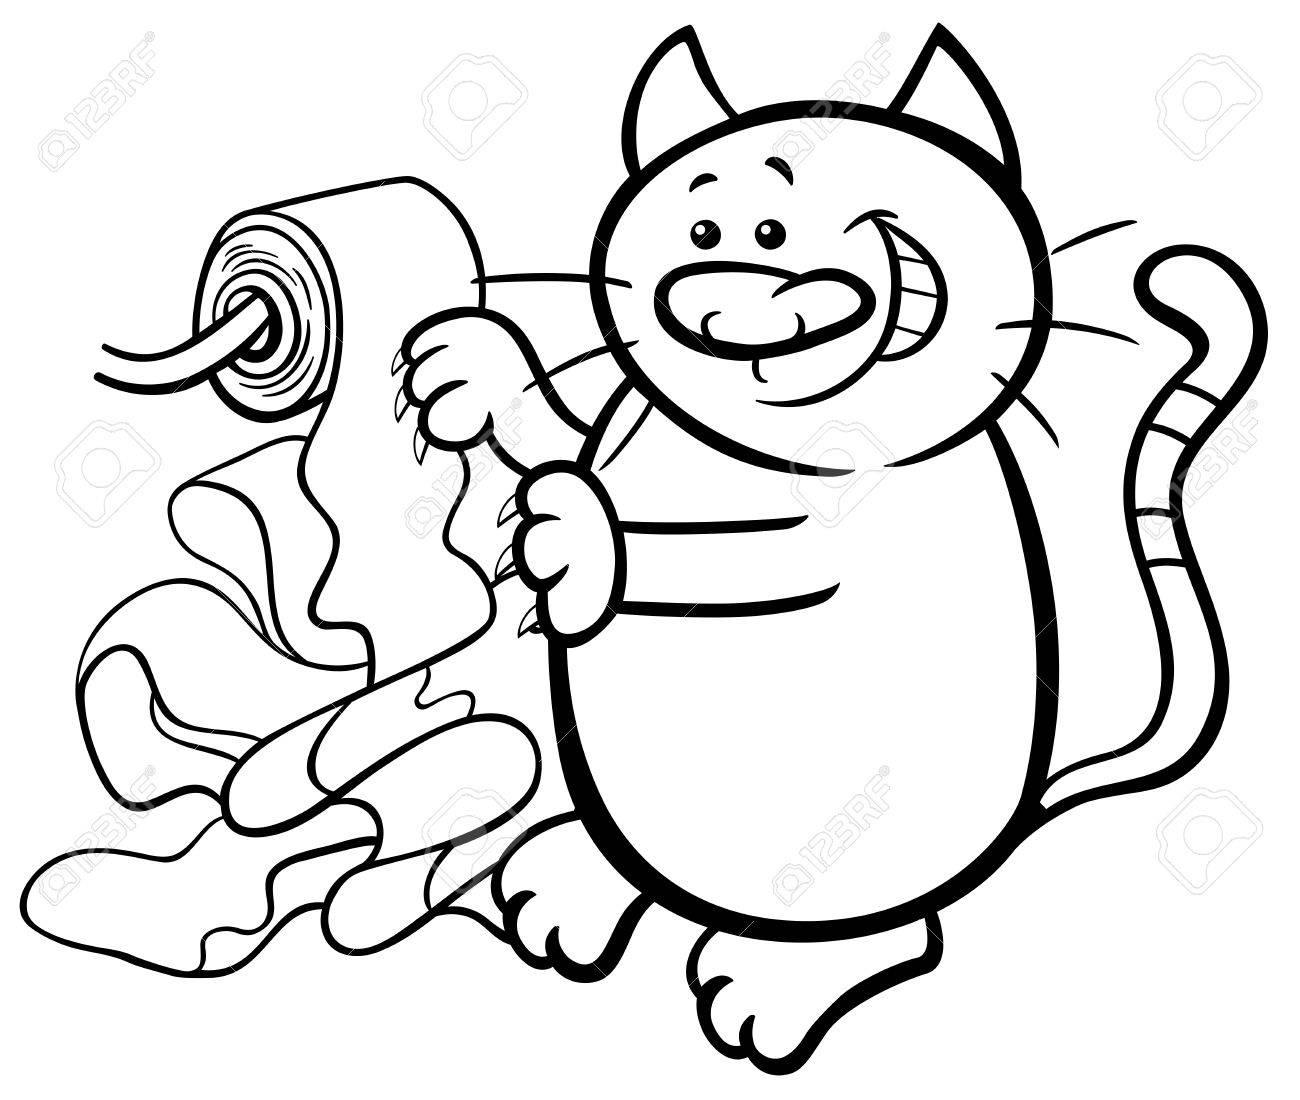 Schwarz-Weiß-Cartoon-Illustration Der Katze Spielt Mit ...